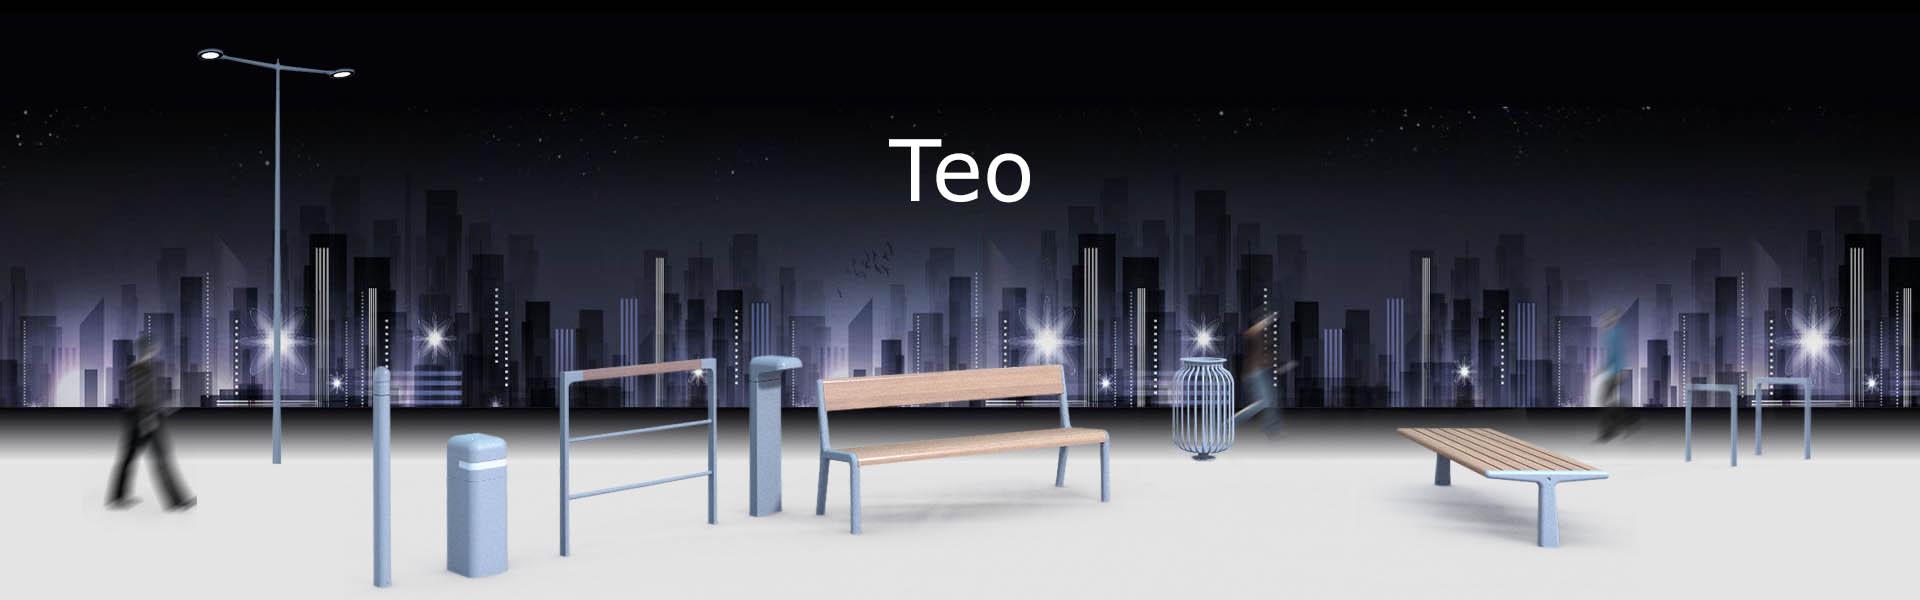 slide-teo-master-final